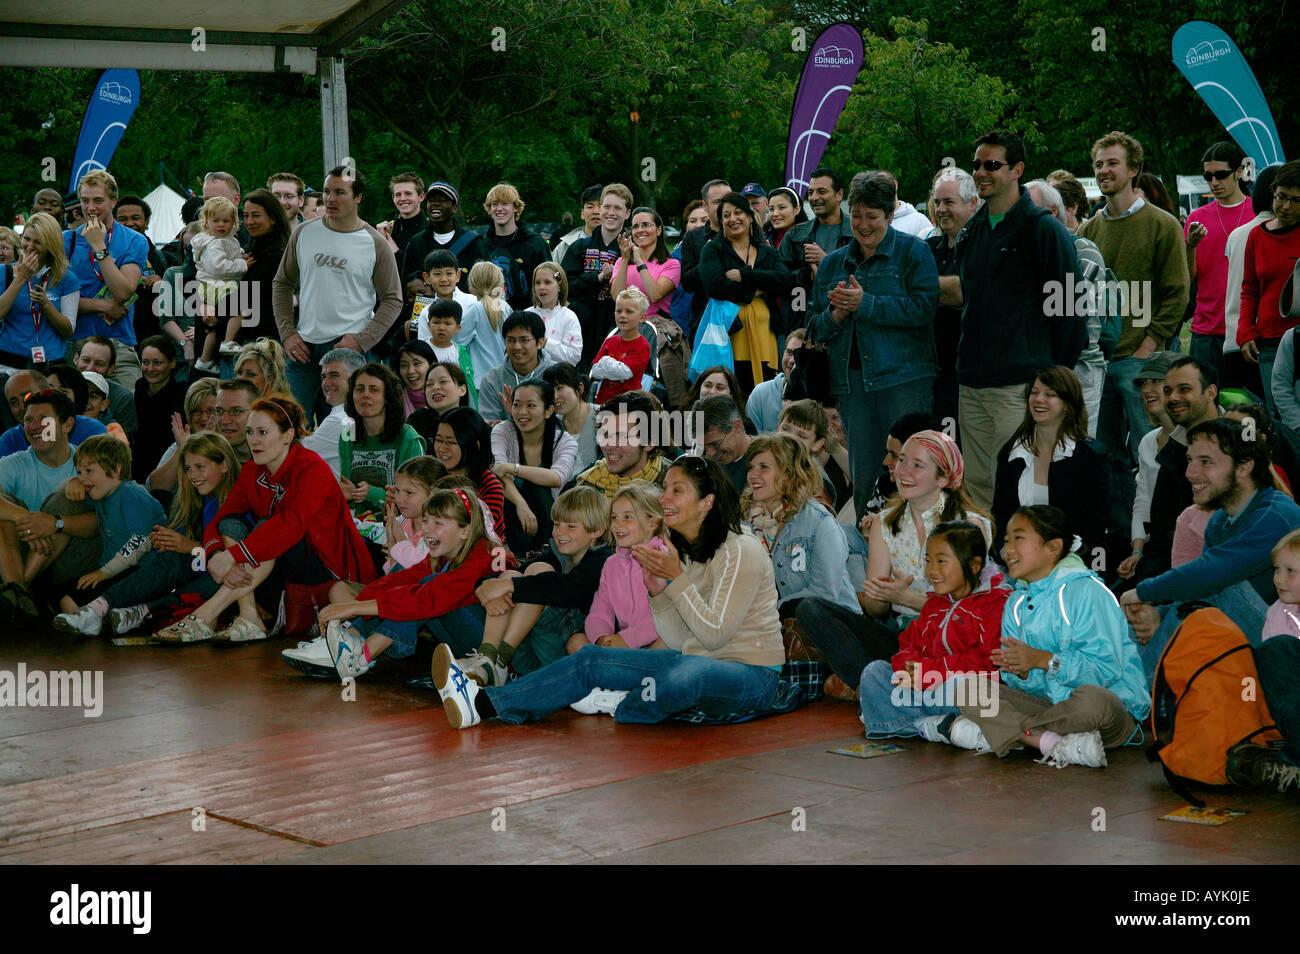 Publikum applaudiert Performer auf der Franse Sonntag Edinburgh Festival Fringe Schottland, UK, Europe Stockbild